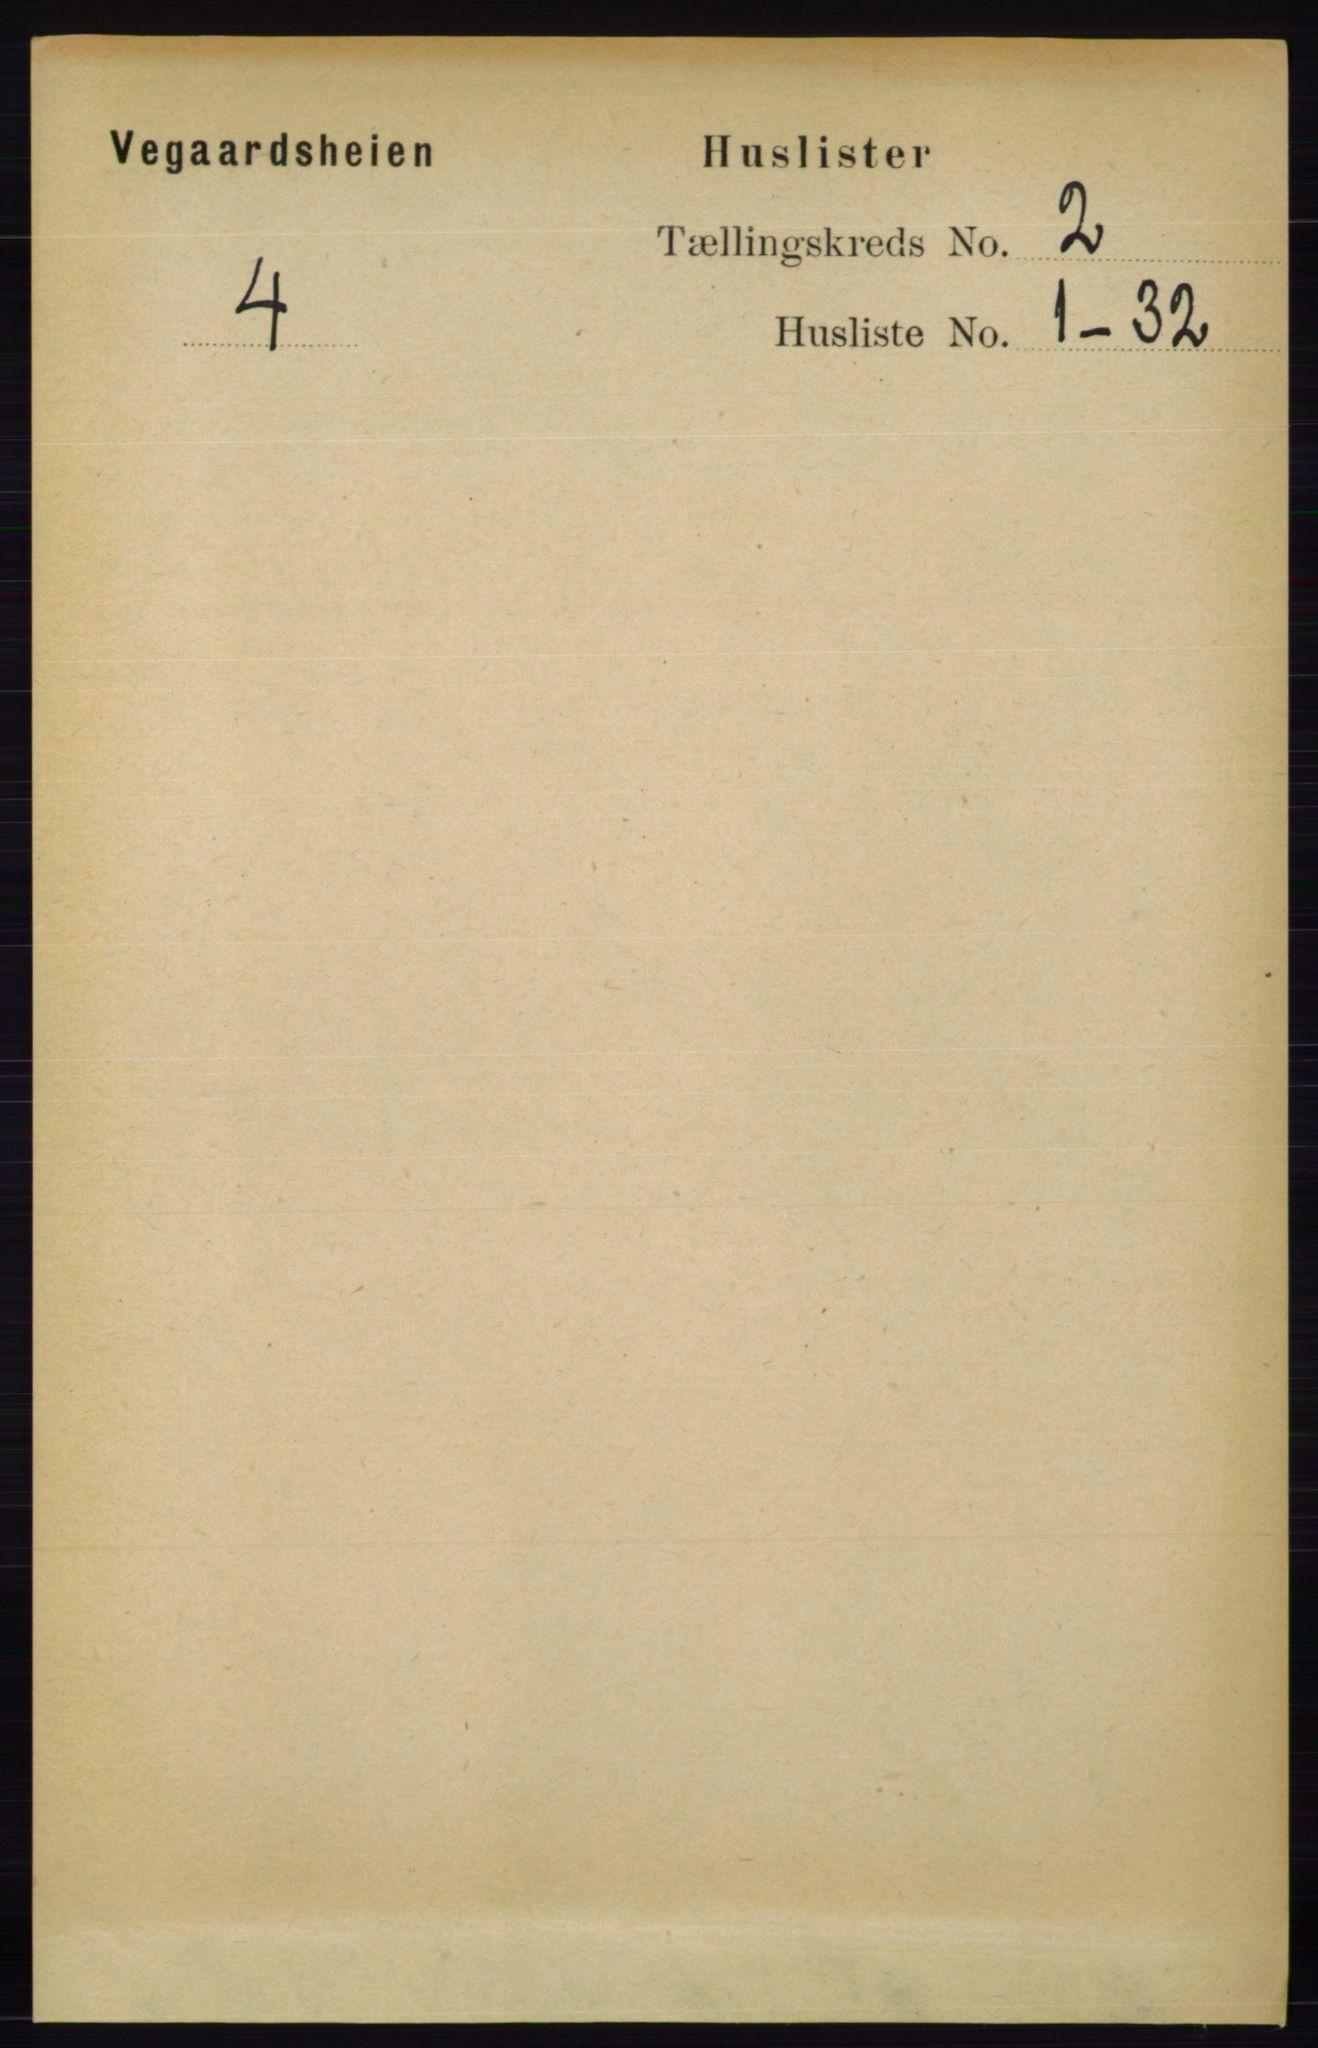 RA, Folketelling 1891 for 0912 Vegårshei herred, 1891, s. 322